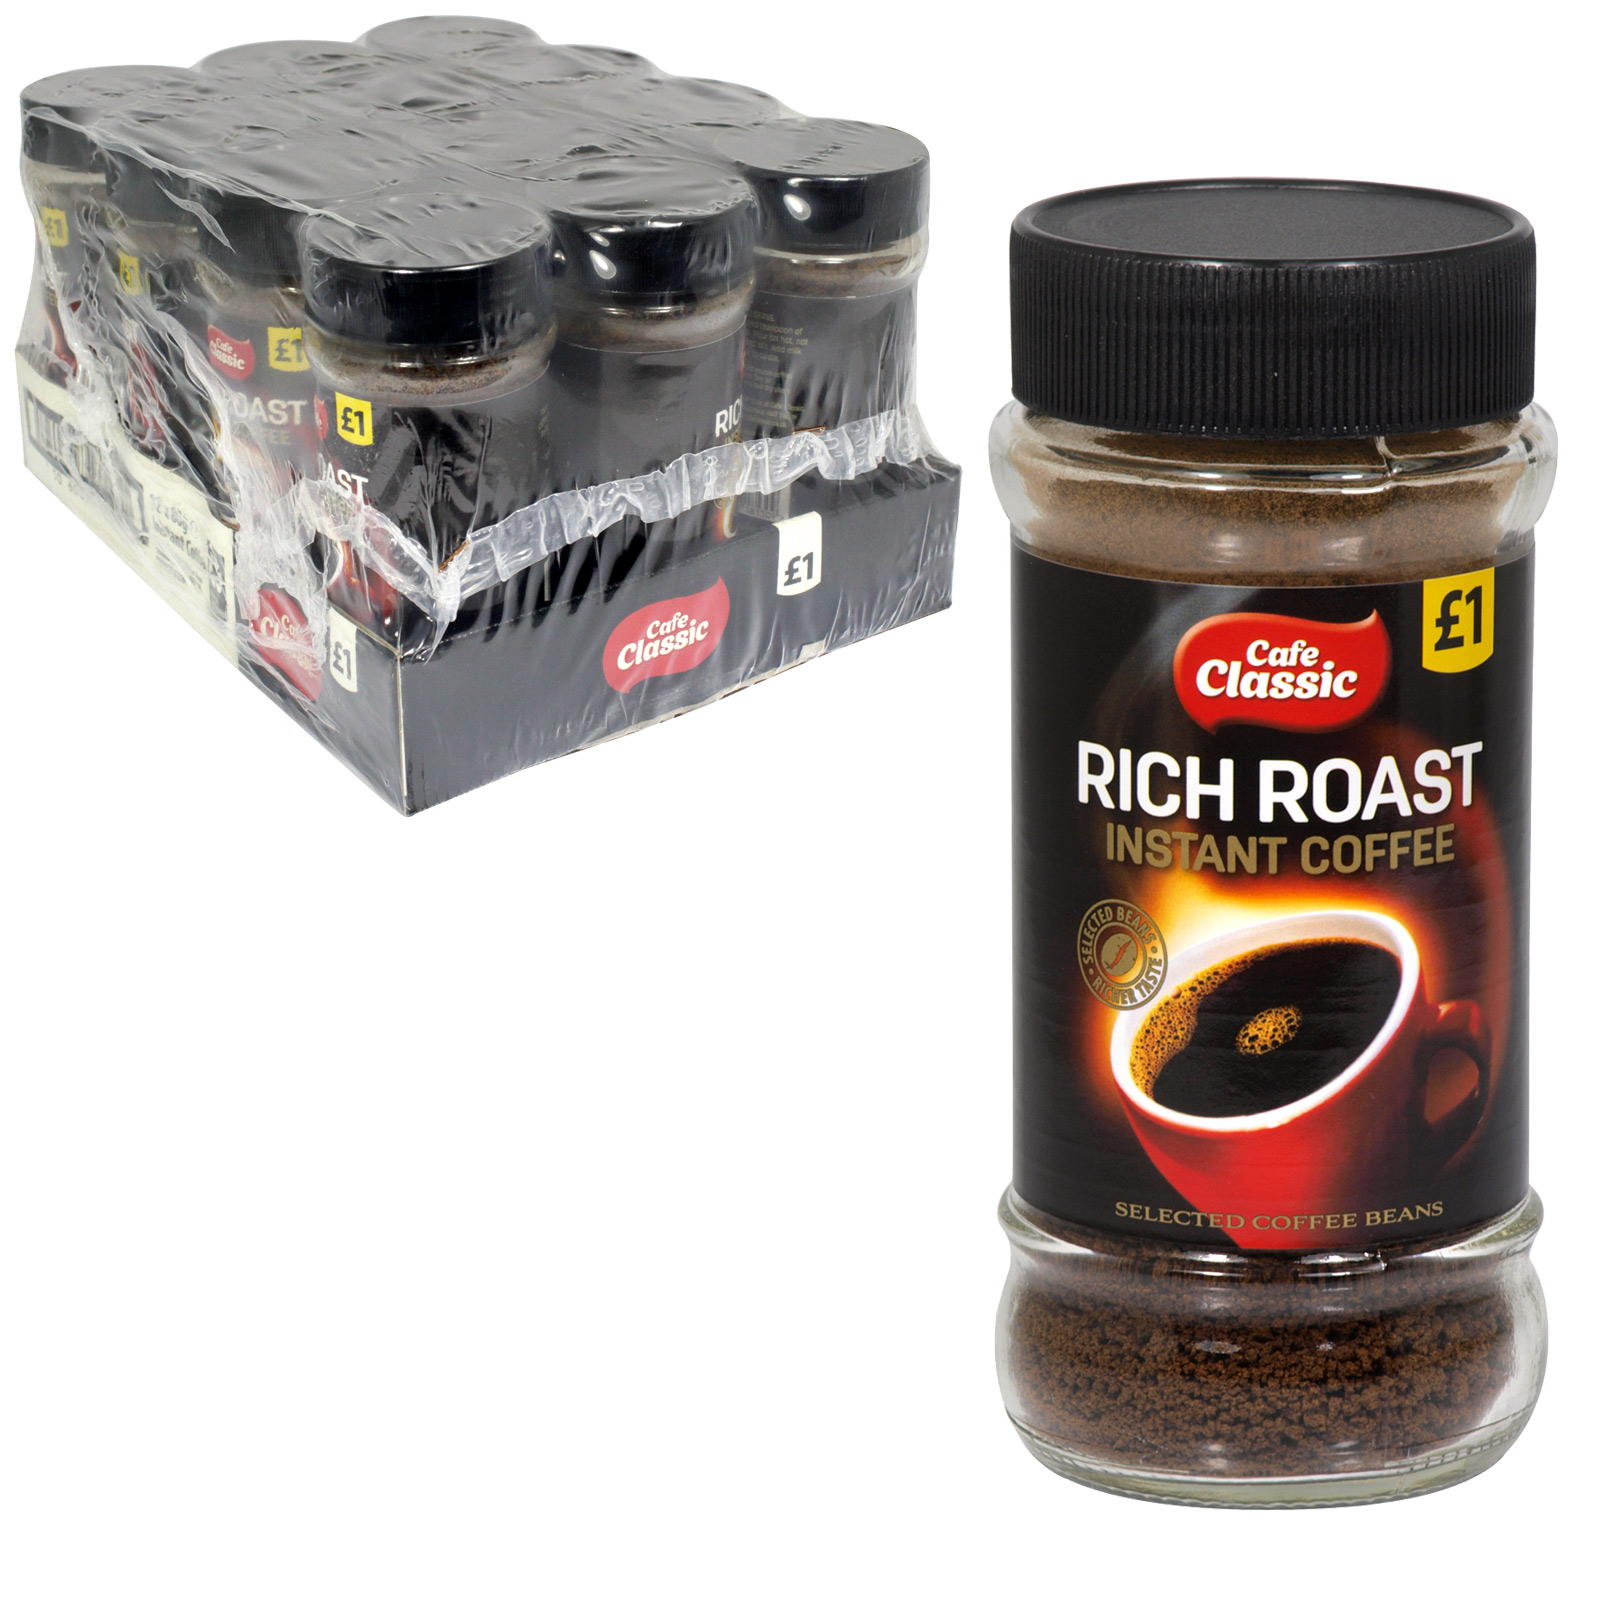 CAFE CLASSIC RICHROAST COFFEE P/M £1 80G X12